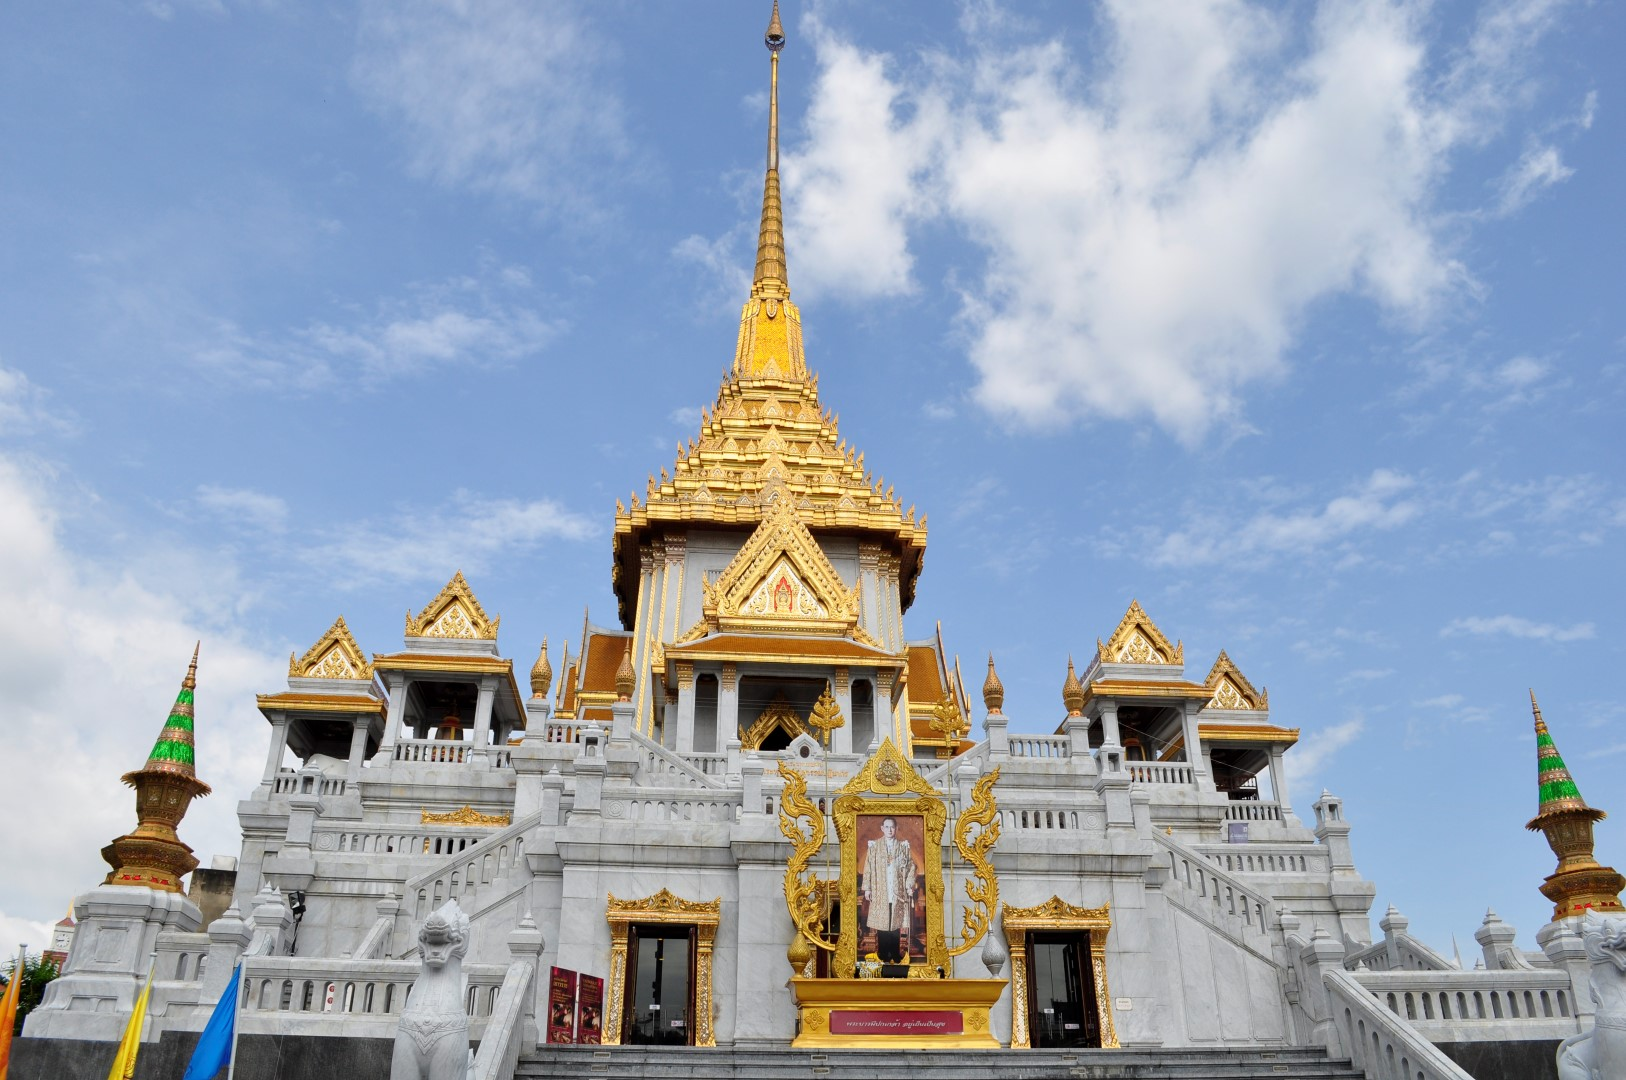 Qué hacer en Bangkok, qué ver en Bangkok, Tailandia qué hacer en bangkok - 39684316955 c740e32f43 o - Qué hacer en Bangkok para descubrir su estilo de vida